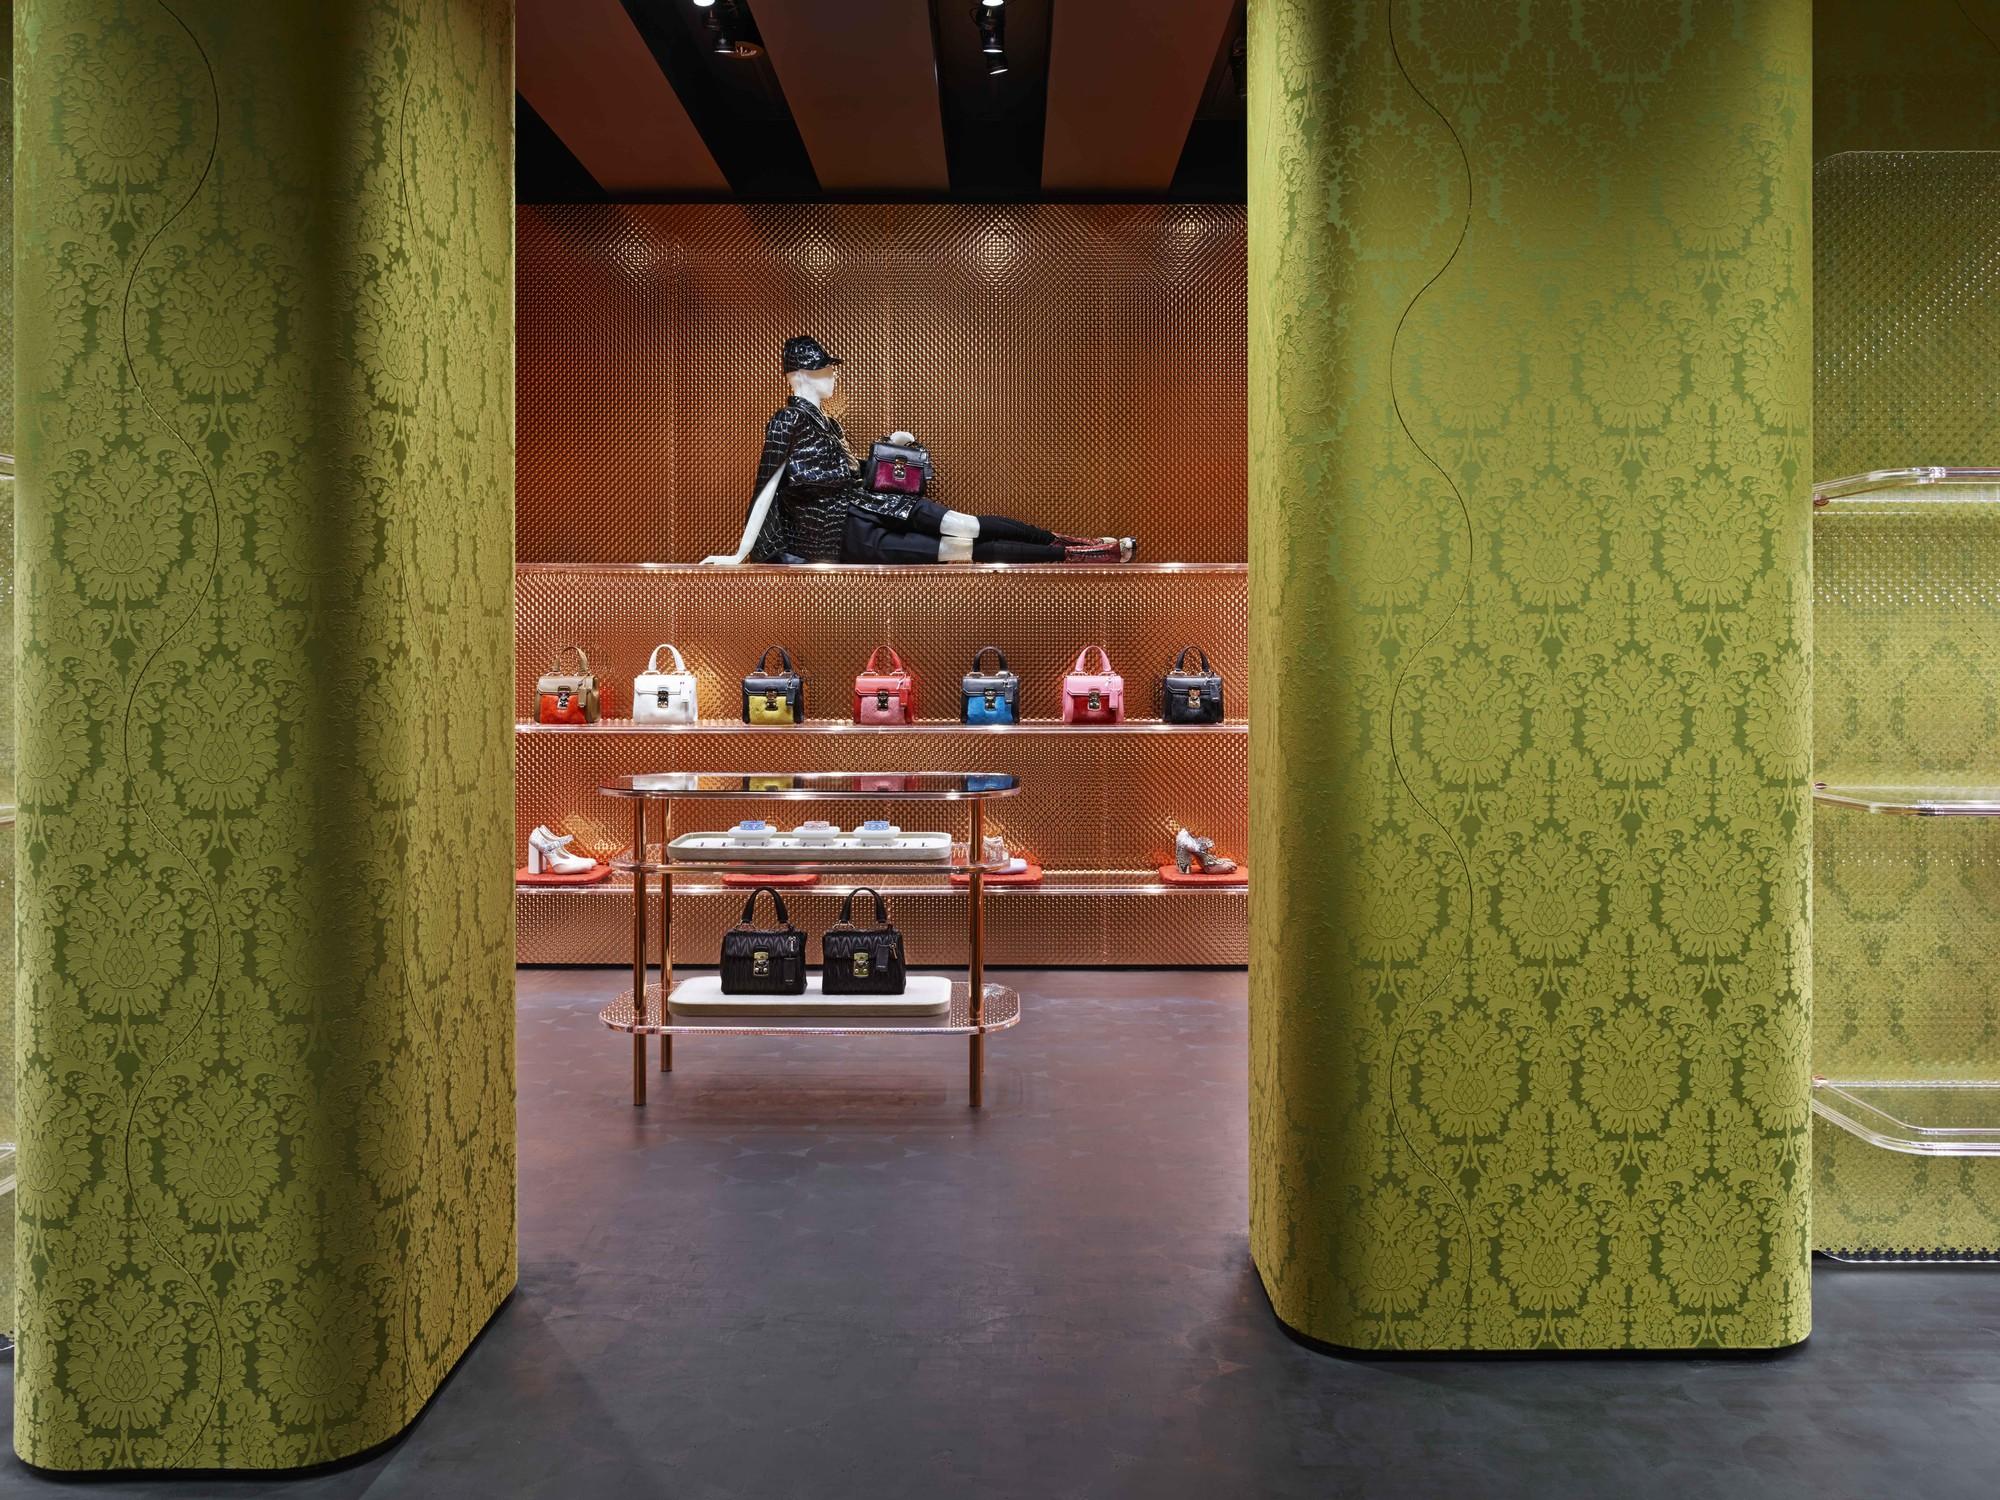 3199bbff85b43 Gallery of Miu Miu Aoyama Store   Herzog   de Meuron - 5